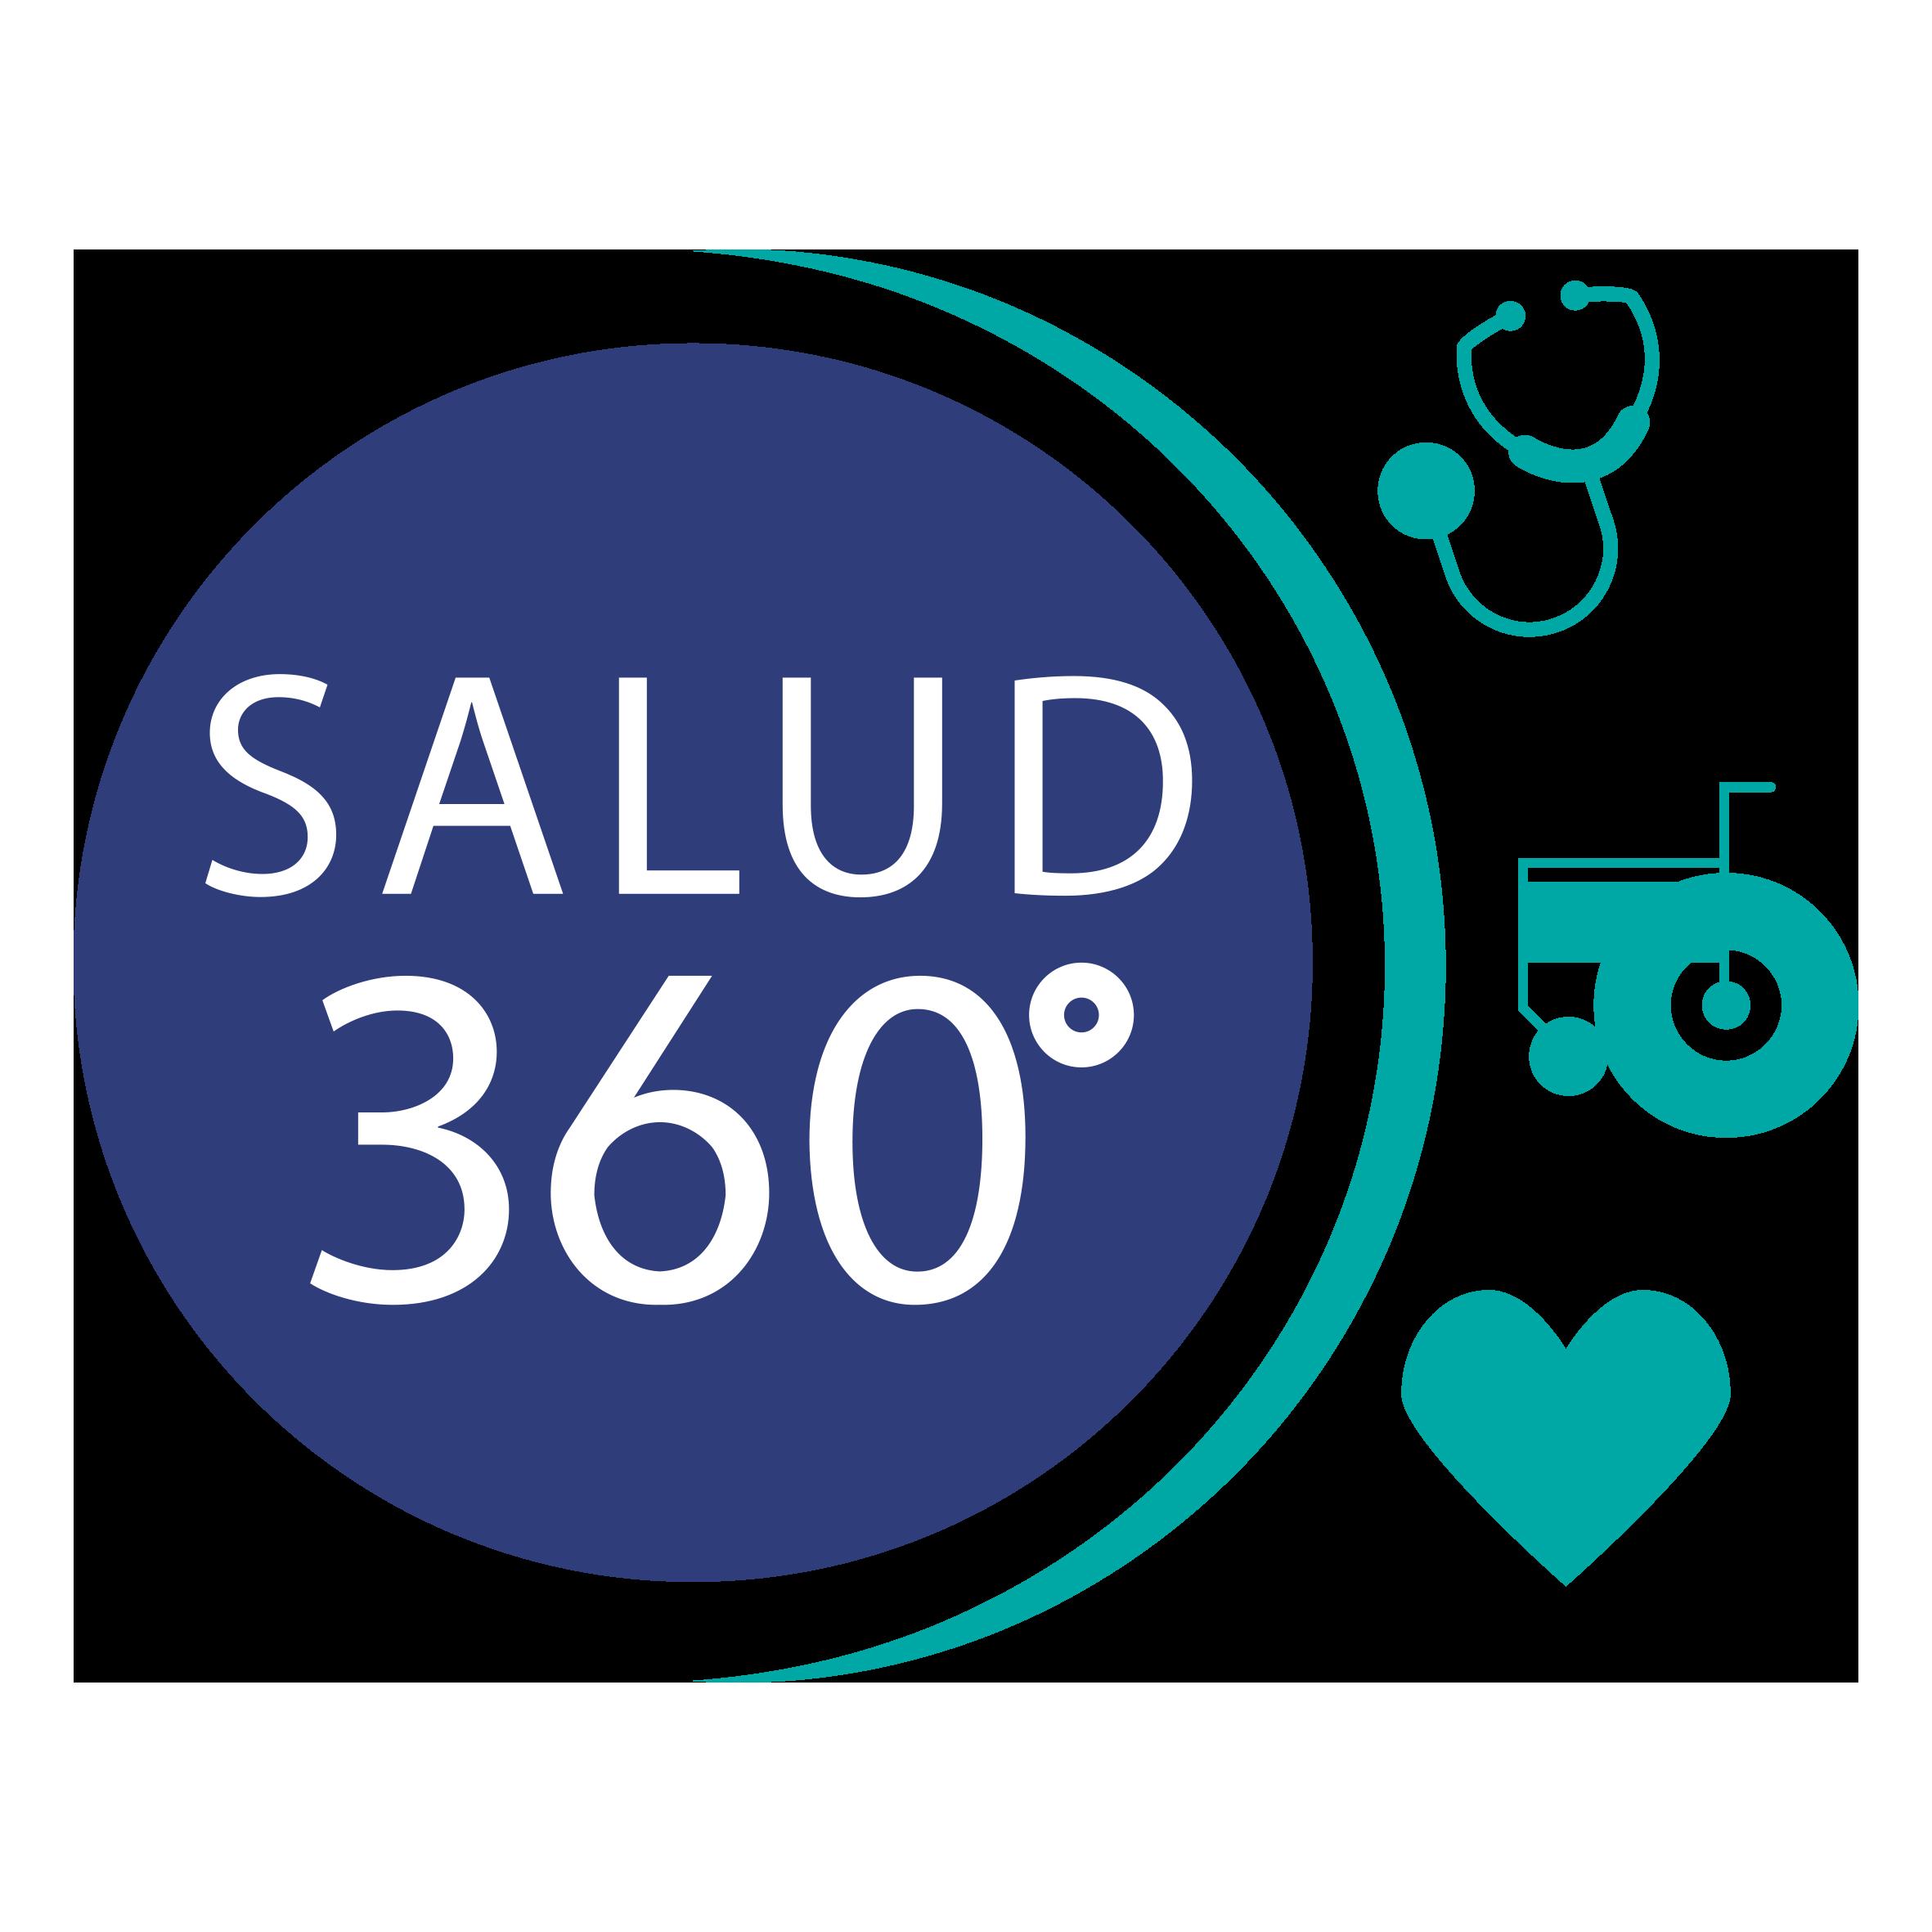 Salud360